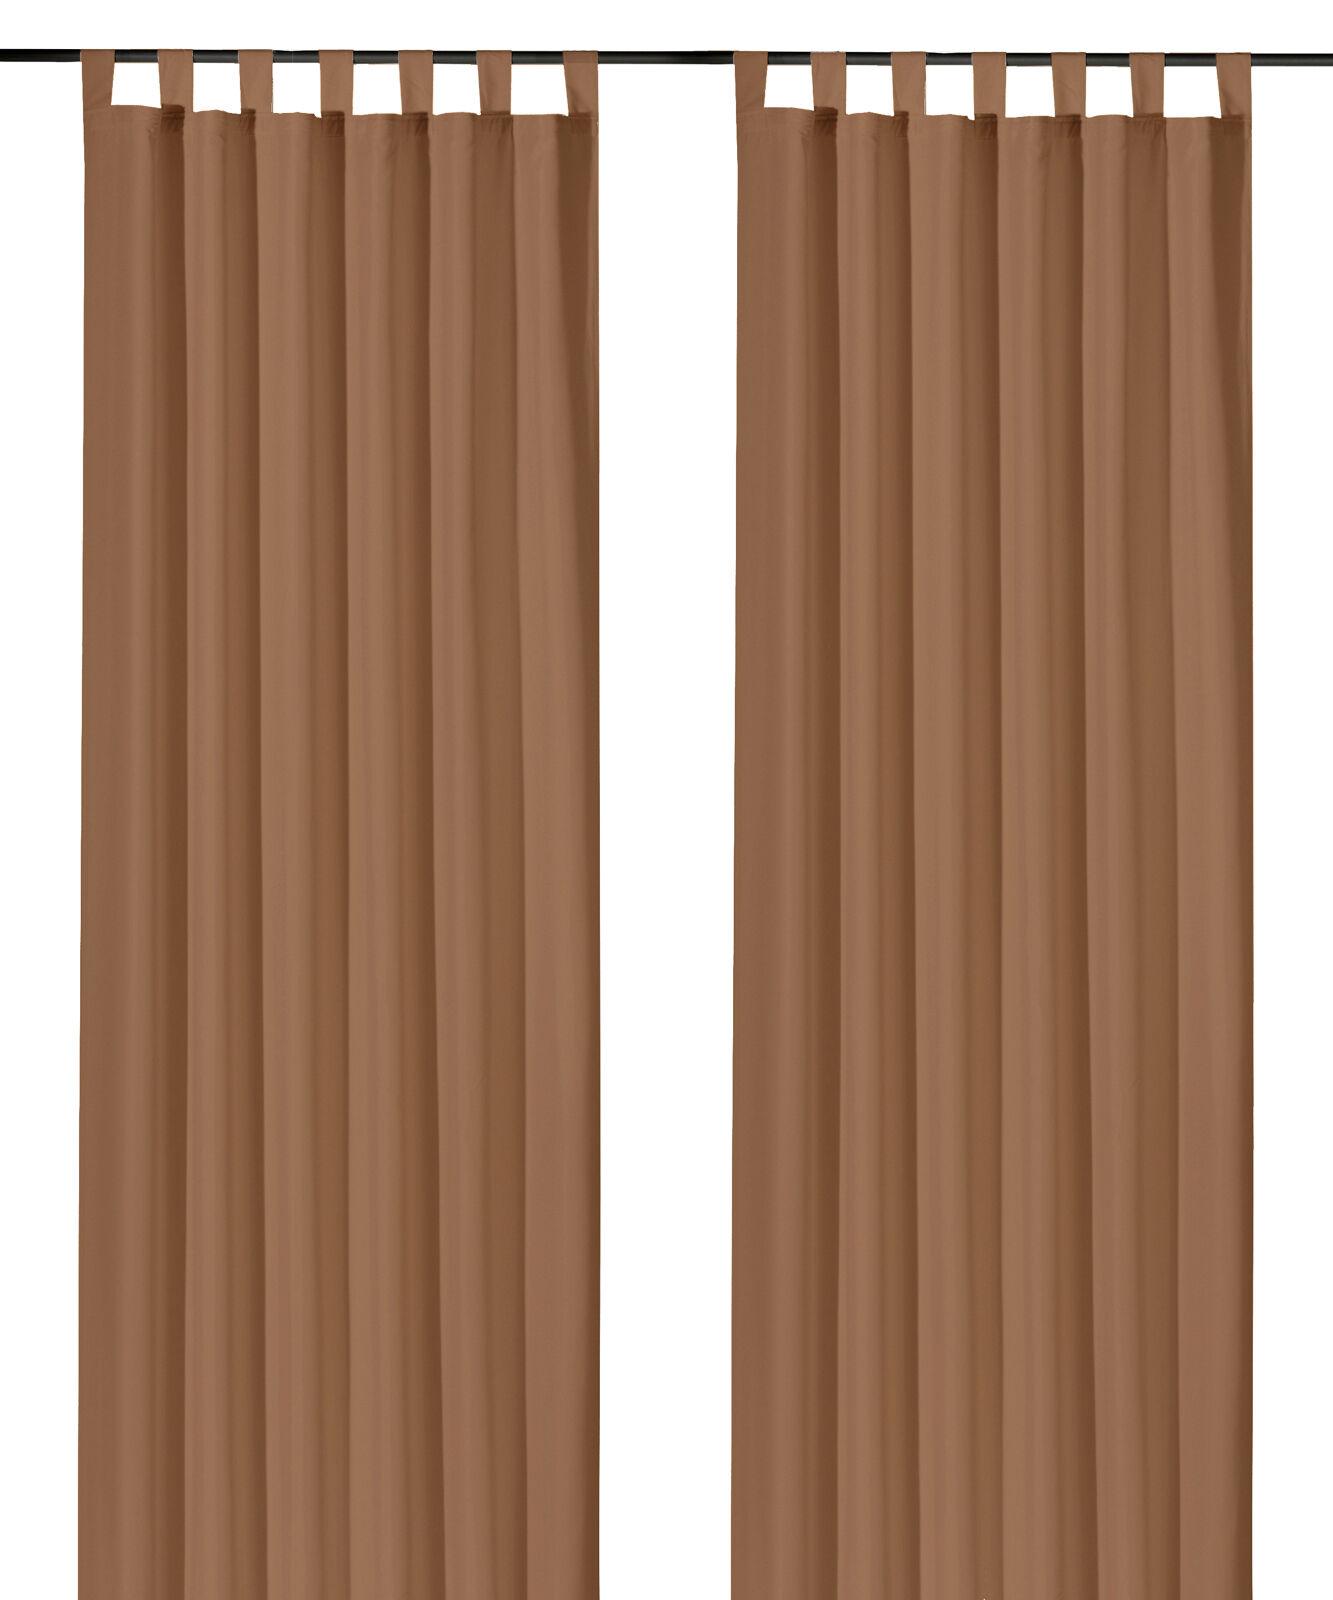 Schlaufenschal-inkl-Kraeuselband-blickdicht-Gardine-Vorhang-Dekoschal-Uni-Typ117 Indexbild 24